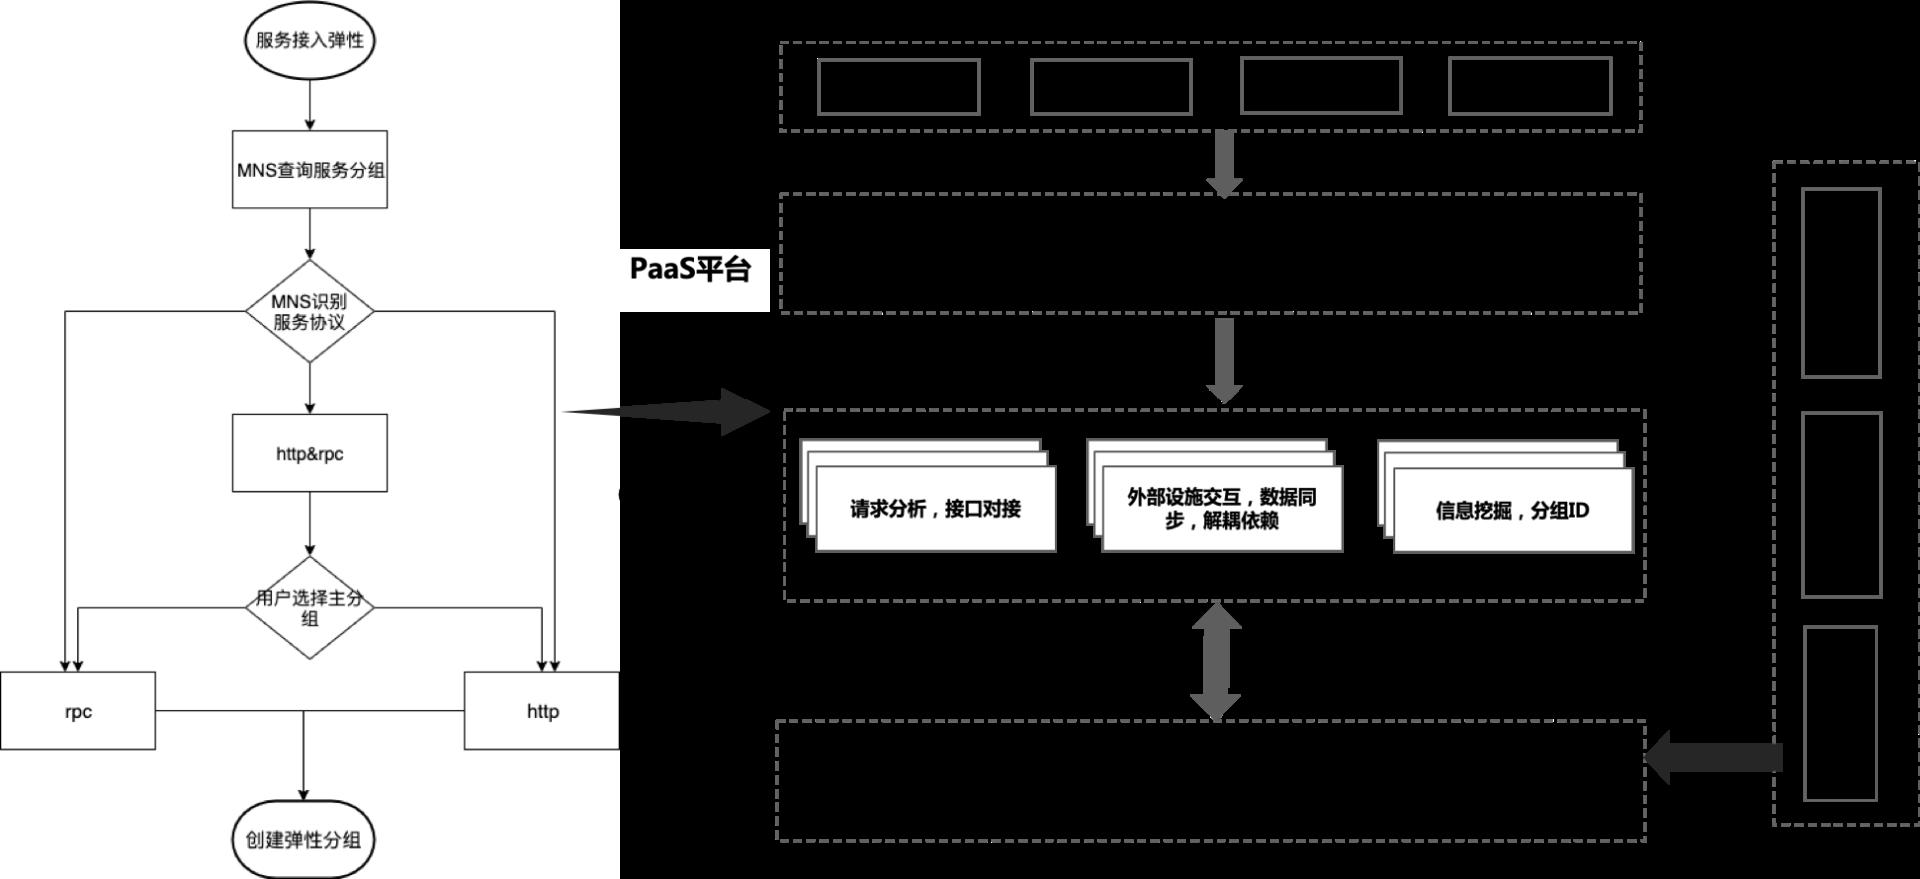 图16 命名服务支持弹性伸缩